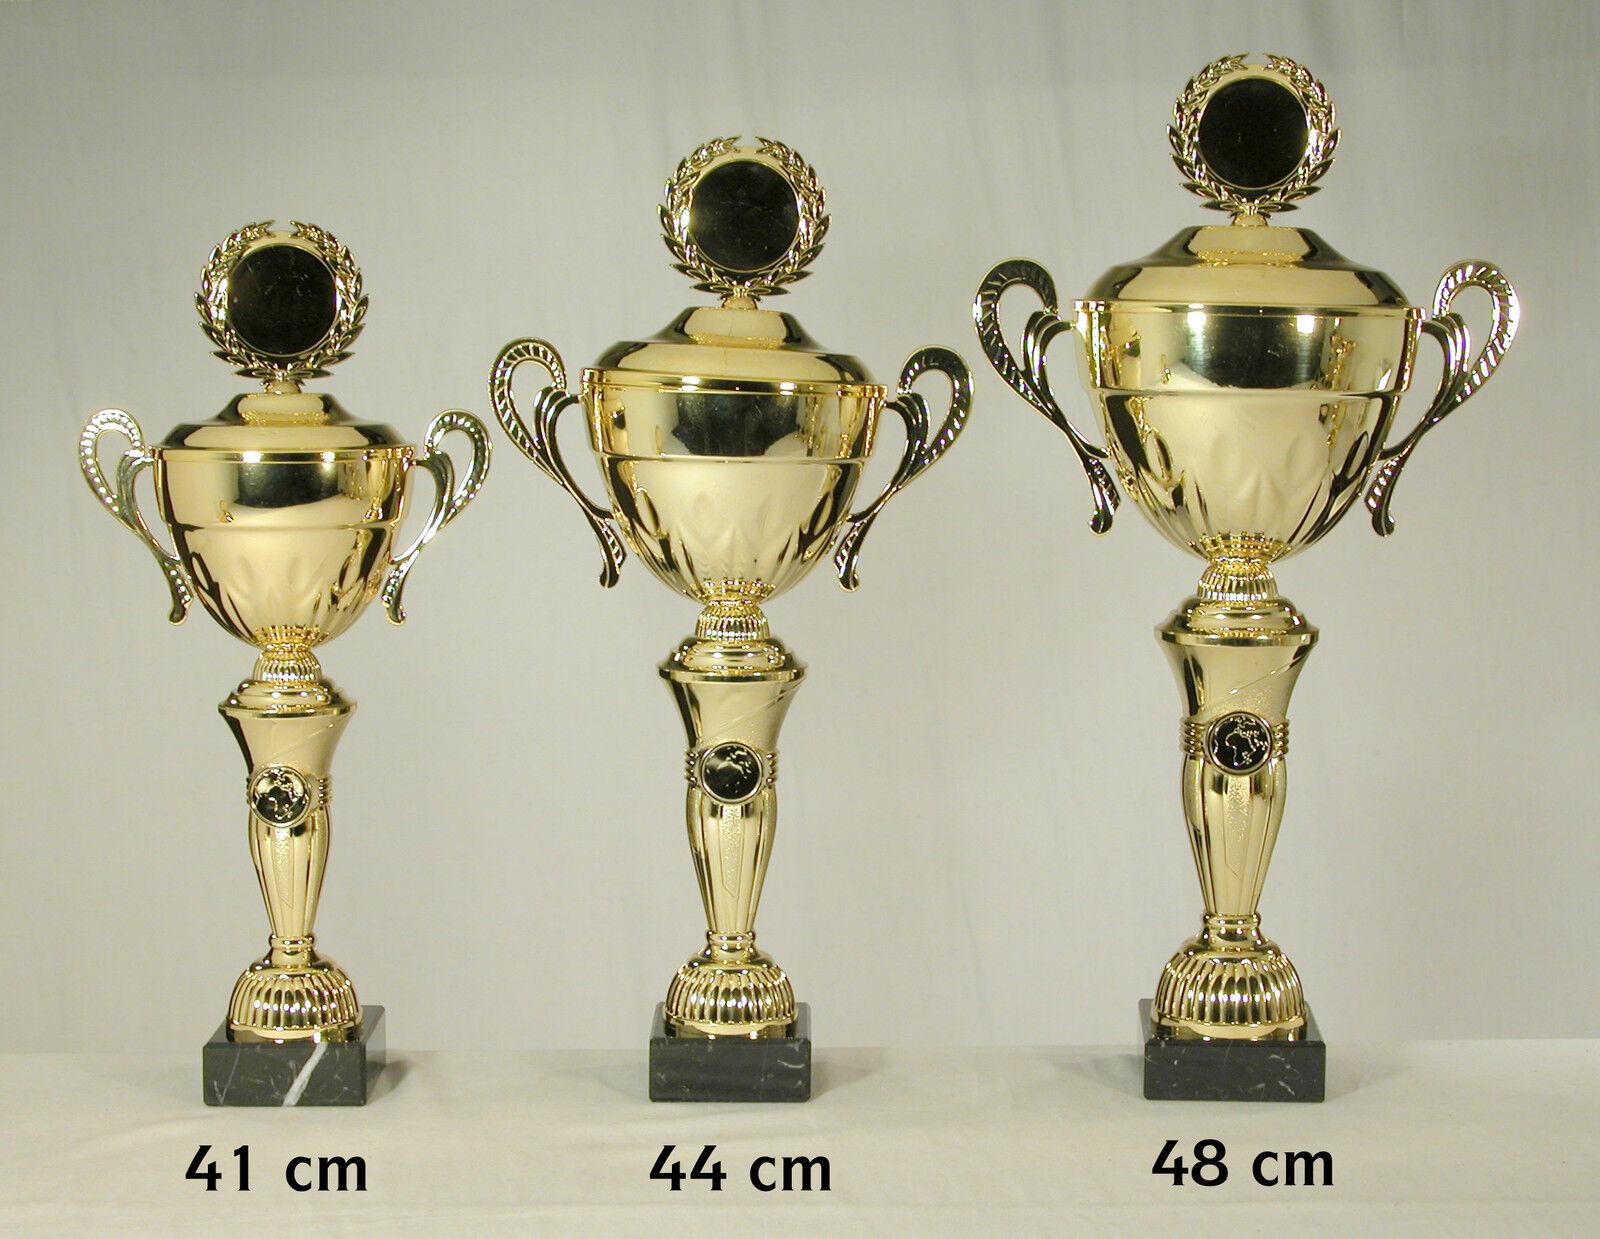 3x Goldfarbene Pokale 48 - 44 - 41 41 41 cm mit Text und Emblem zum SONDERPREIS 5c401e